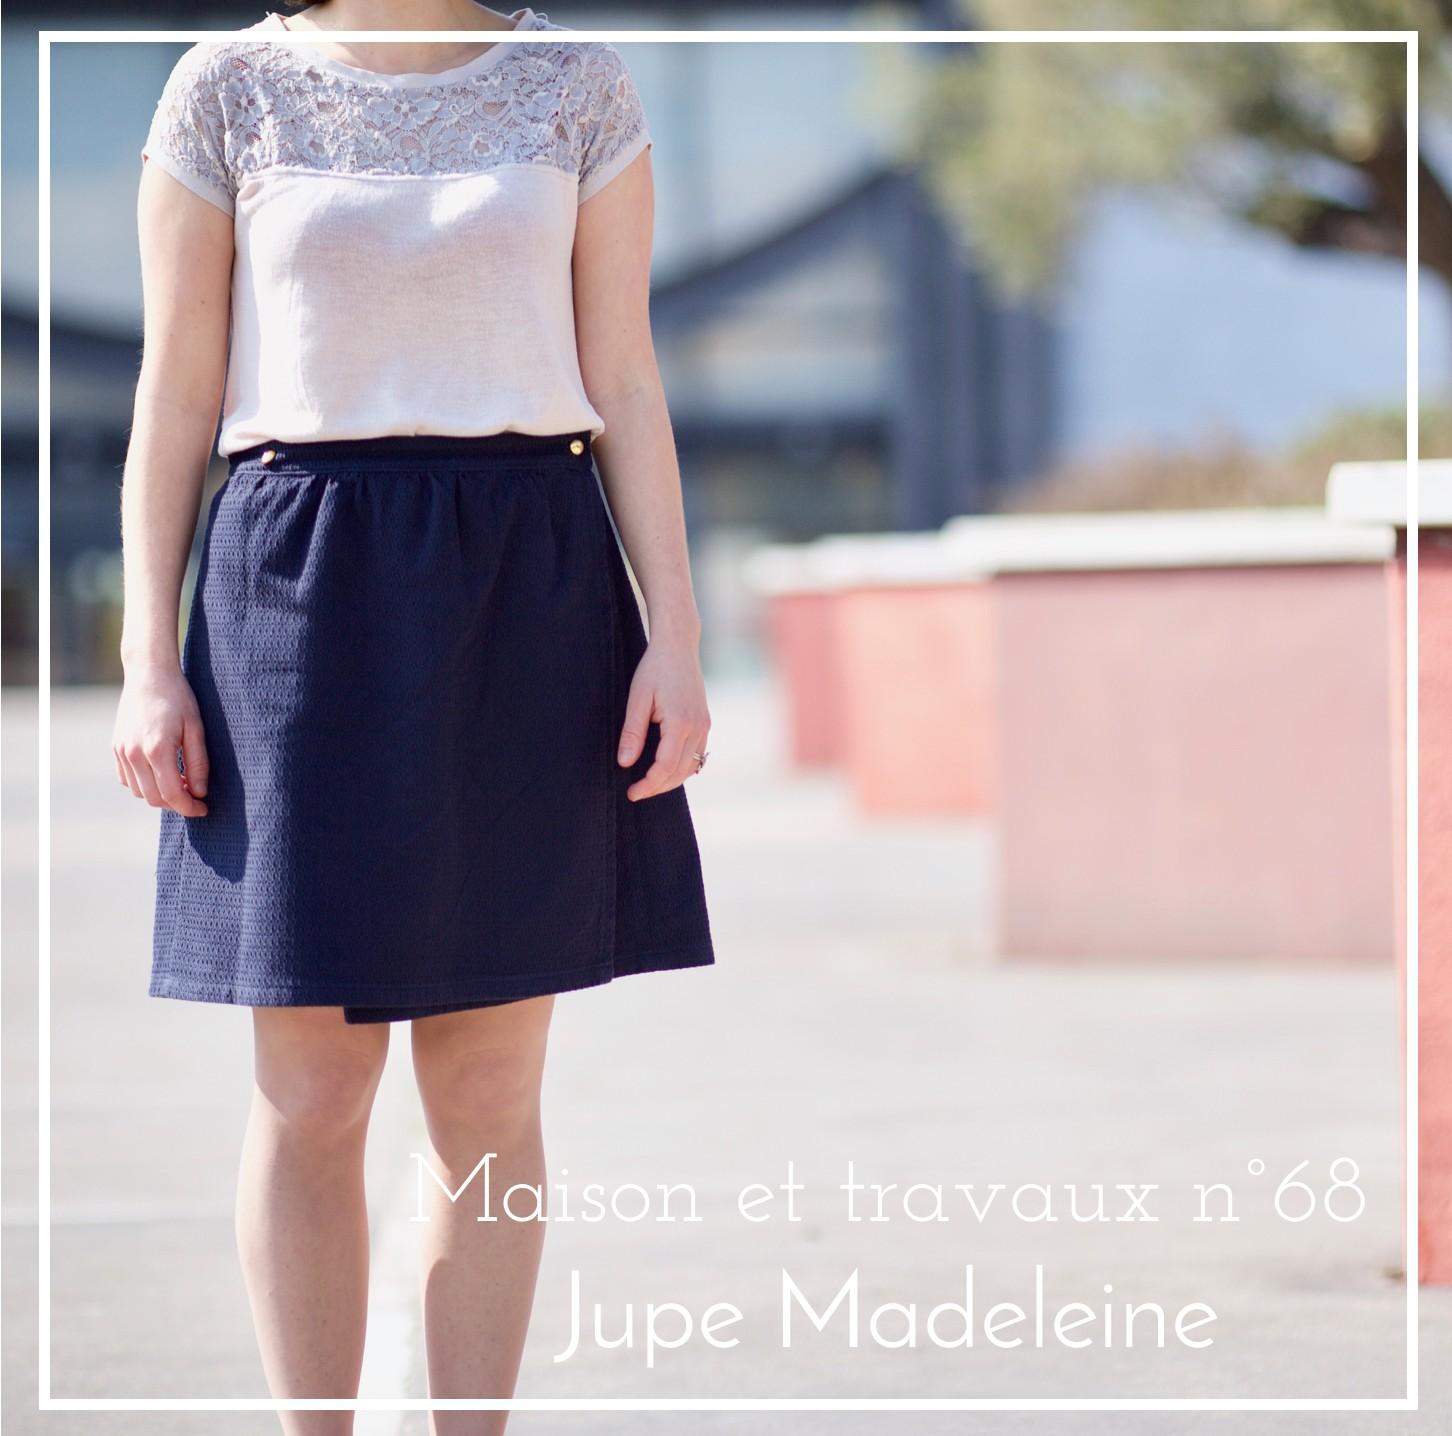 Maison et travaux - Jupe Madeleine - République du Chiffon